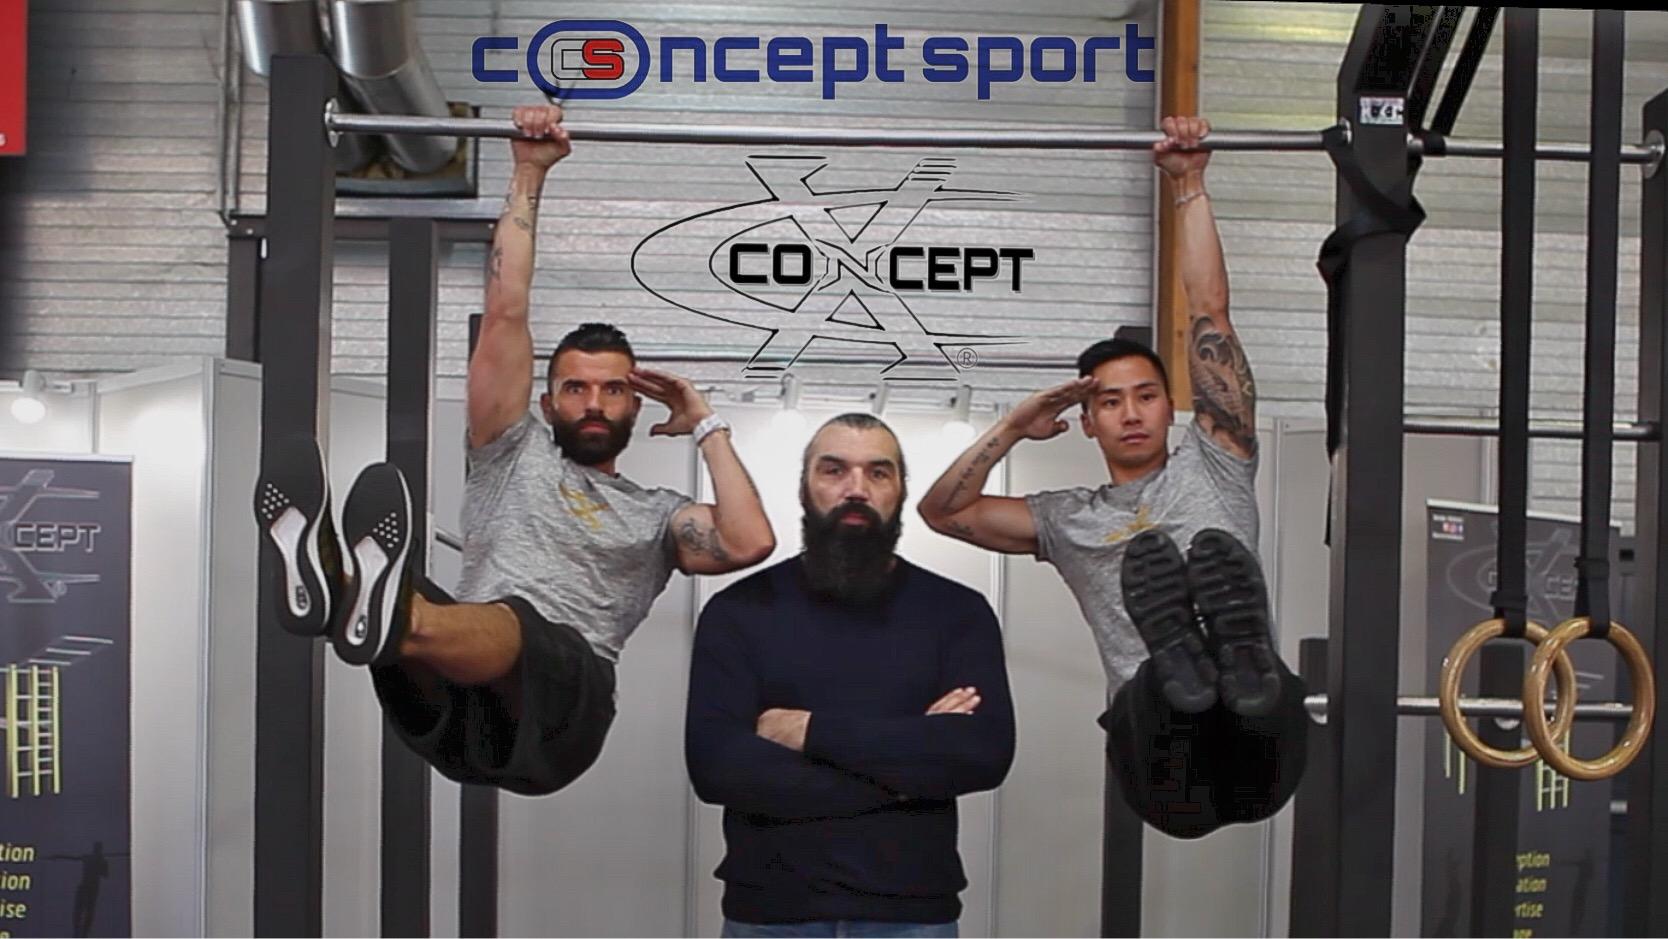 salon-des-maires-amif-concept-sport